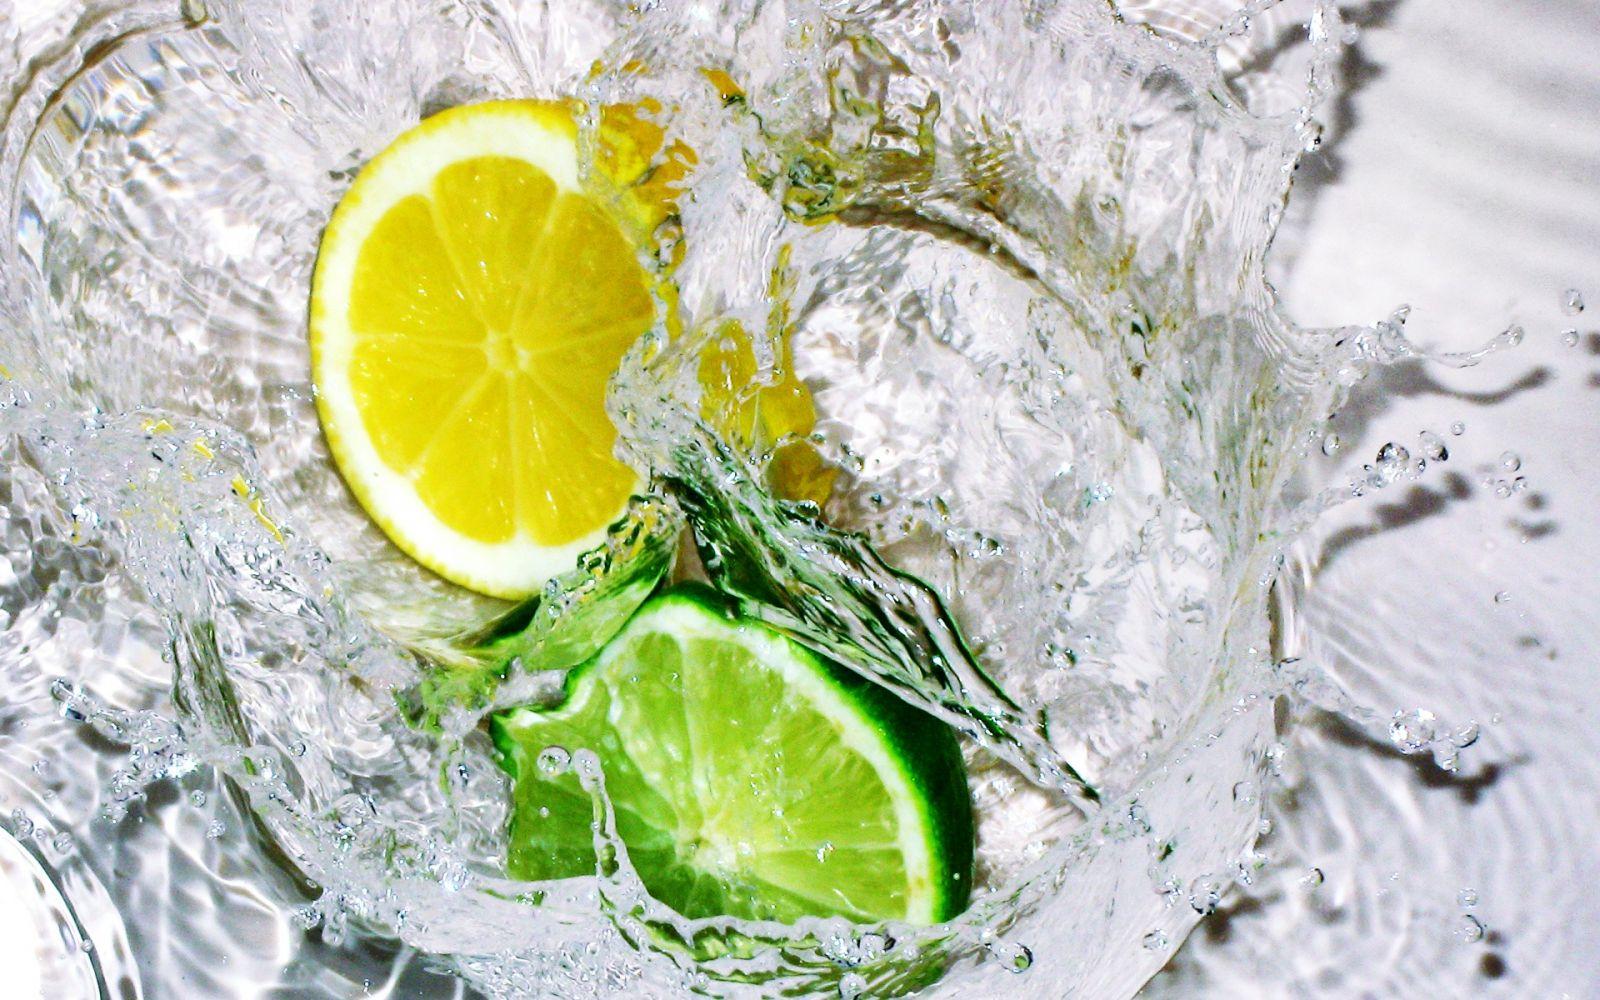 Картинки лимон с лаймом